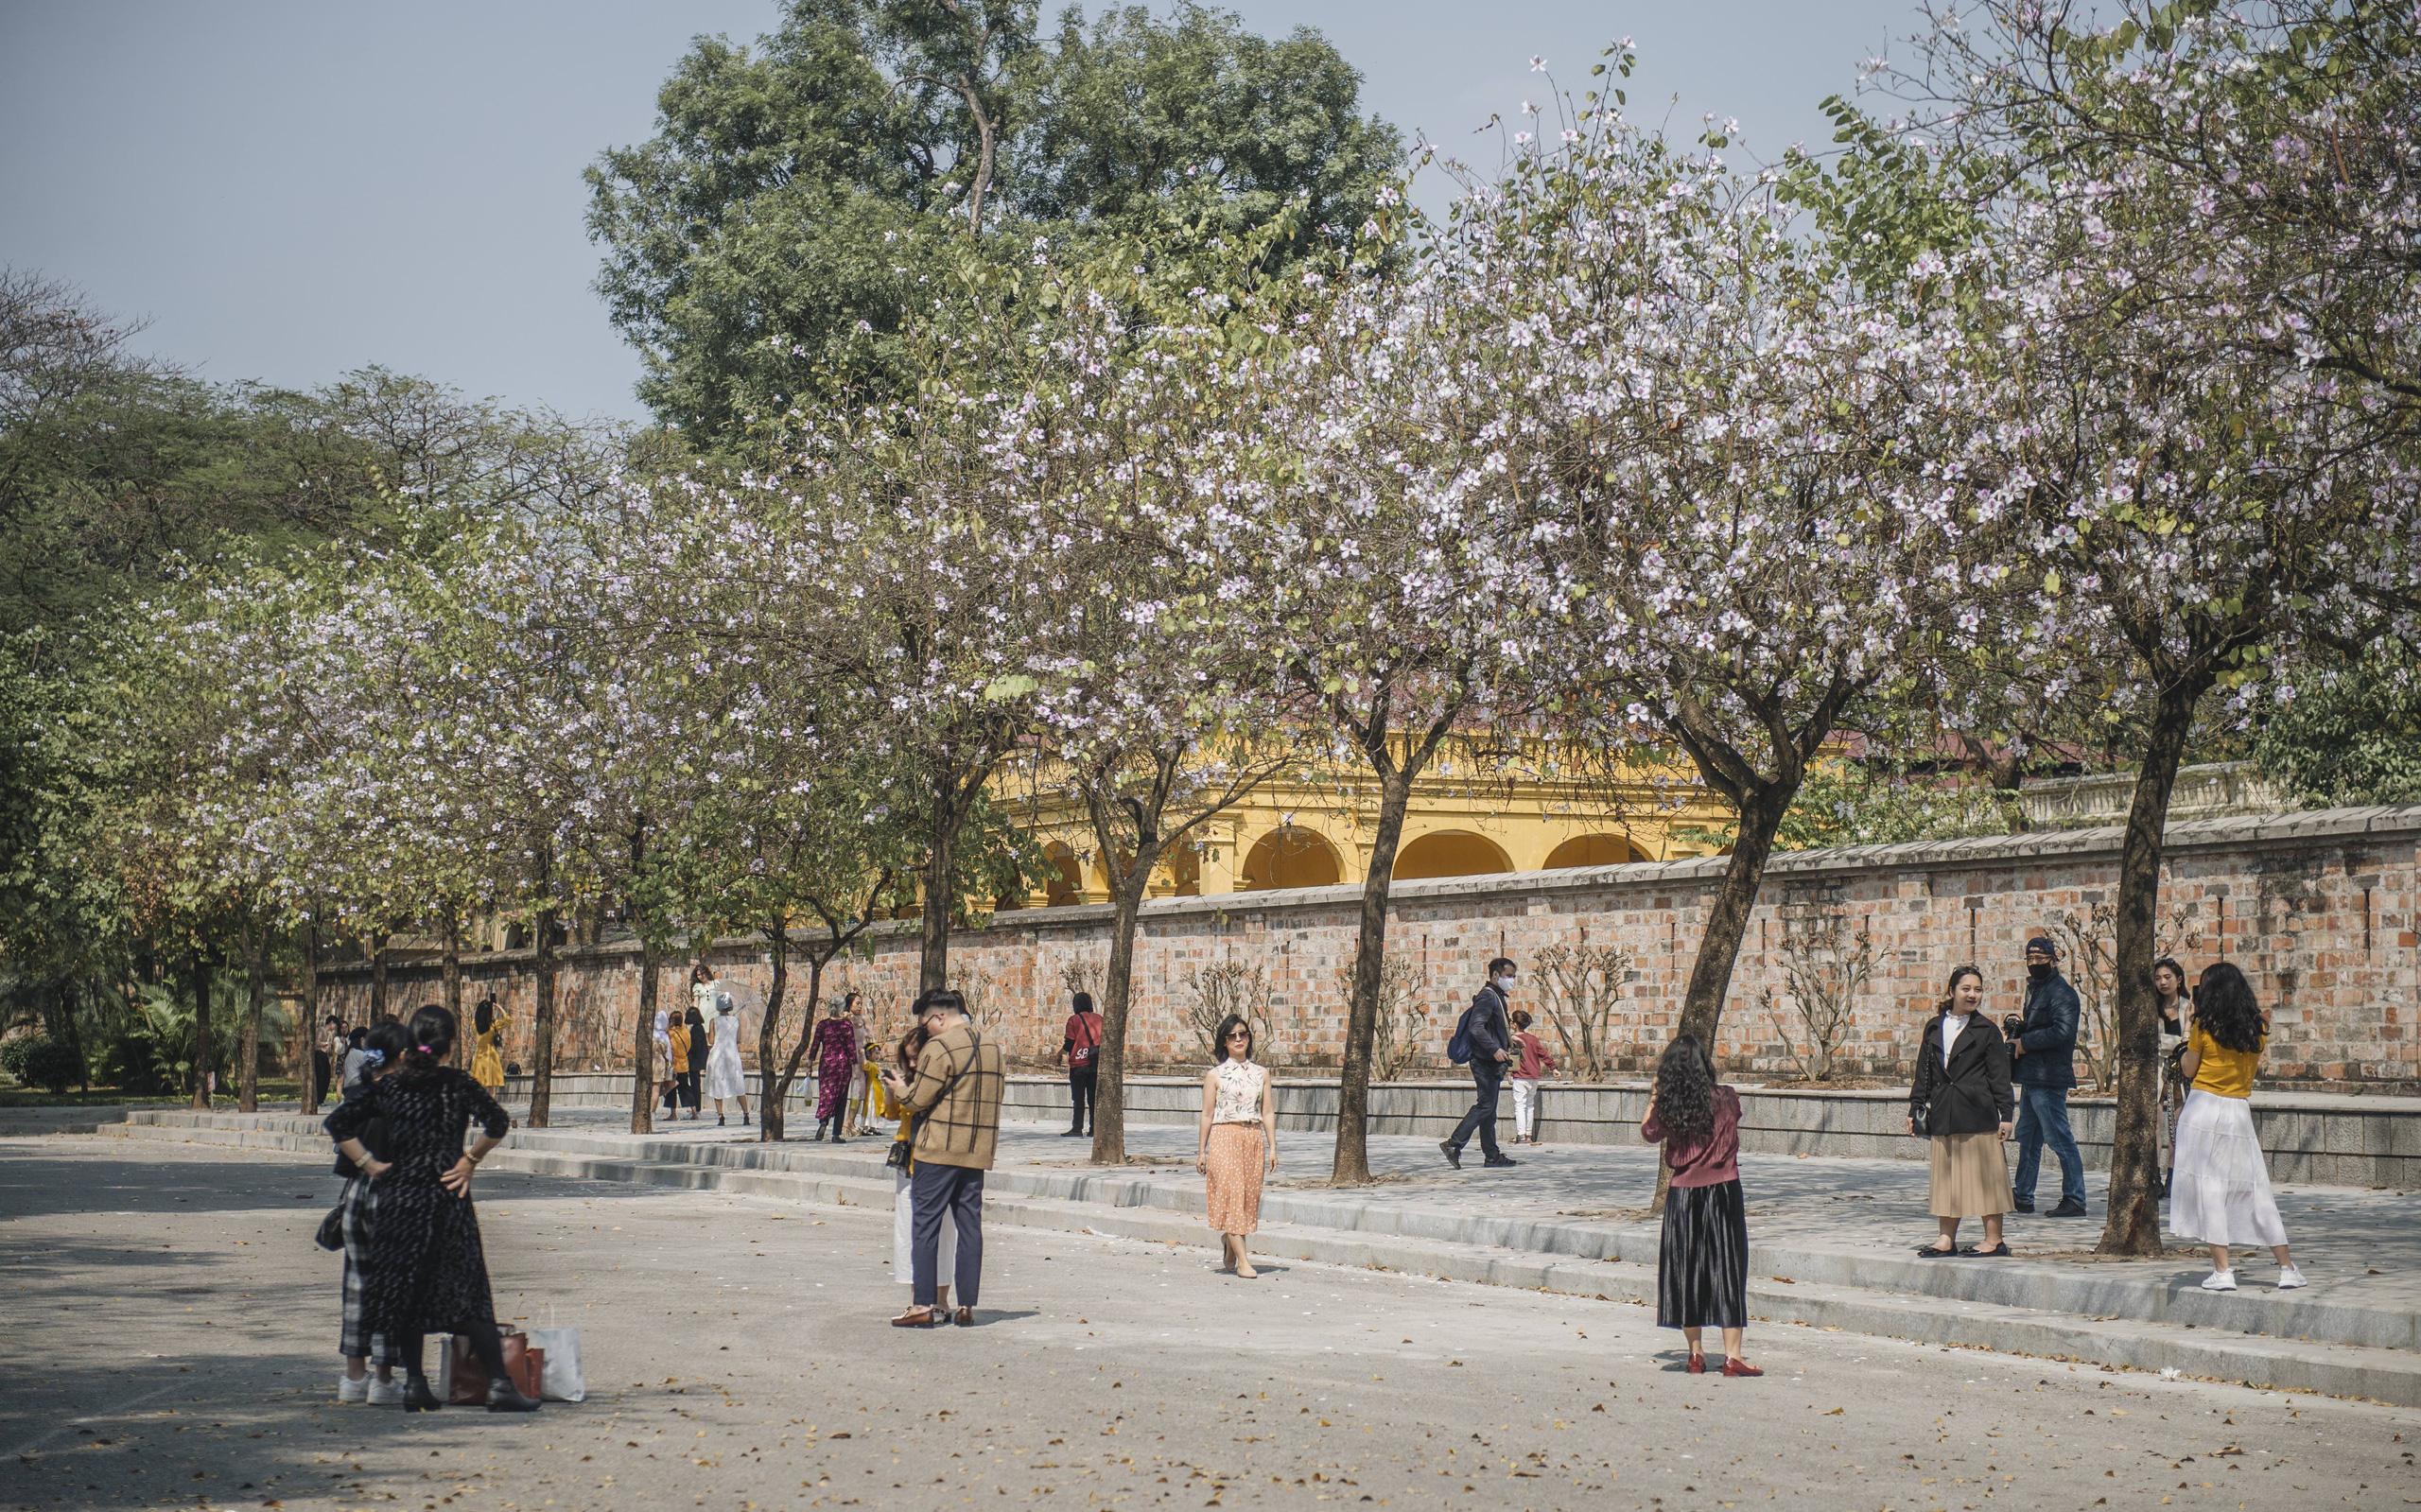 Hà Nội đẹp mê mẩn trong sắc tím hoa ban rợp trời, dân tình rần rần rủ nhau về con đường nổi tiếng chụp ảnh